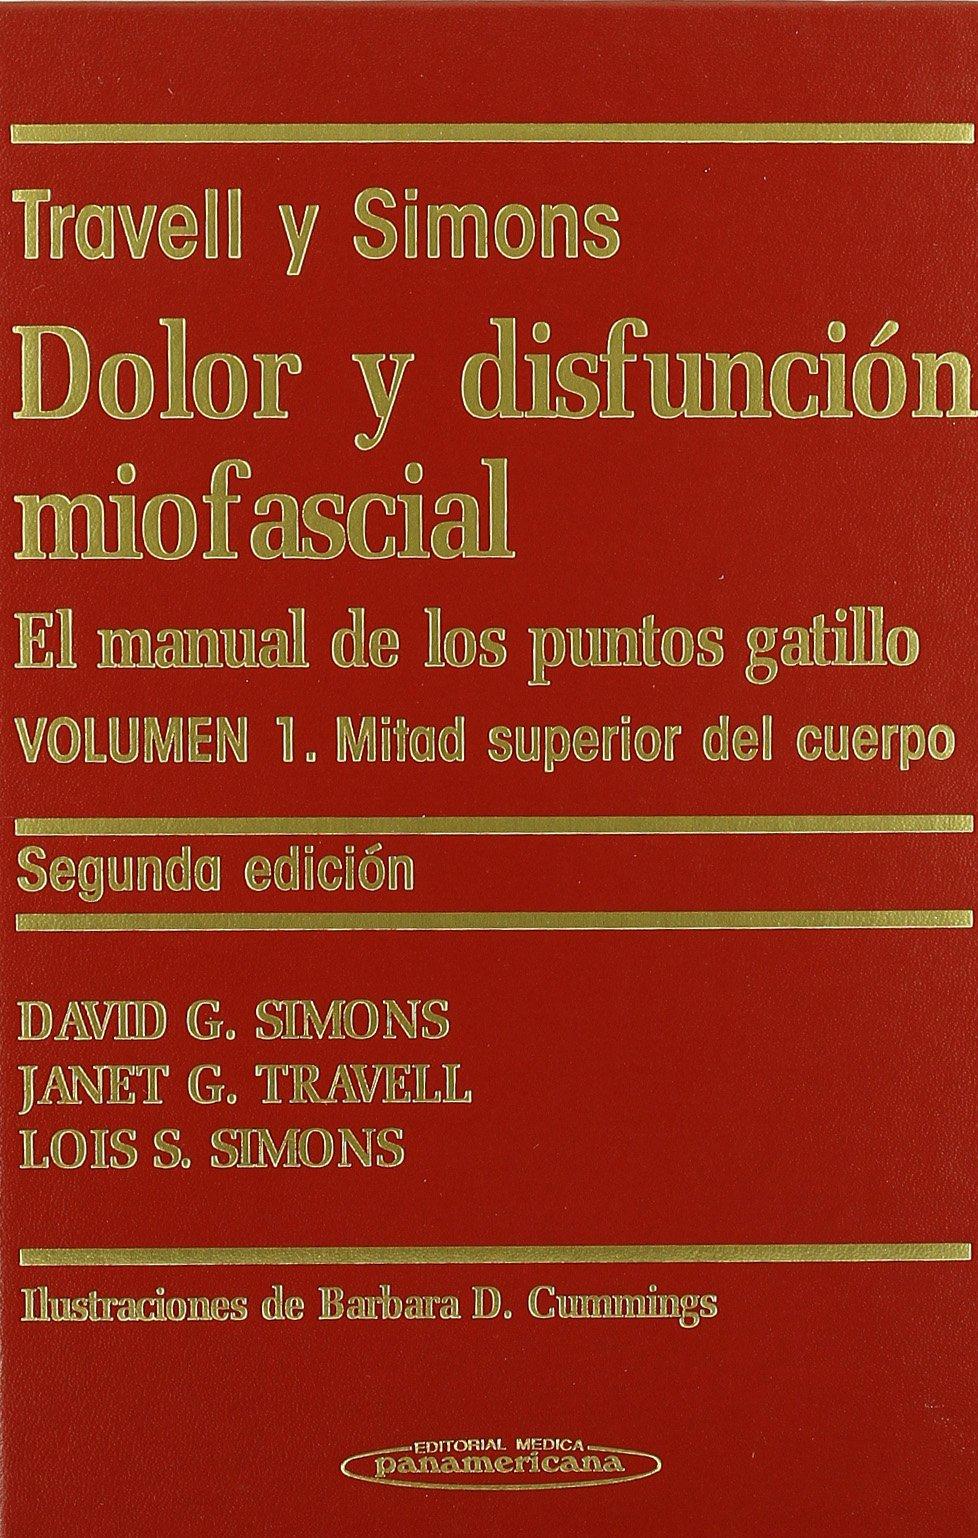 Dolor y Disfunción Miofascial. El manual de los puntos gatillo. 2 Volúmenes.:  Amazon.es: Janet G. Travell, David G. Simons, Orlando Mayoral del Moral: ...